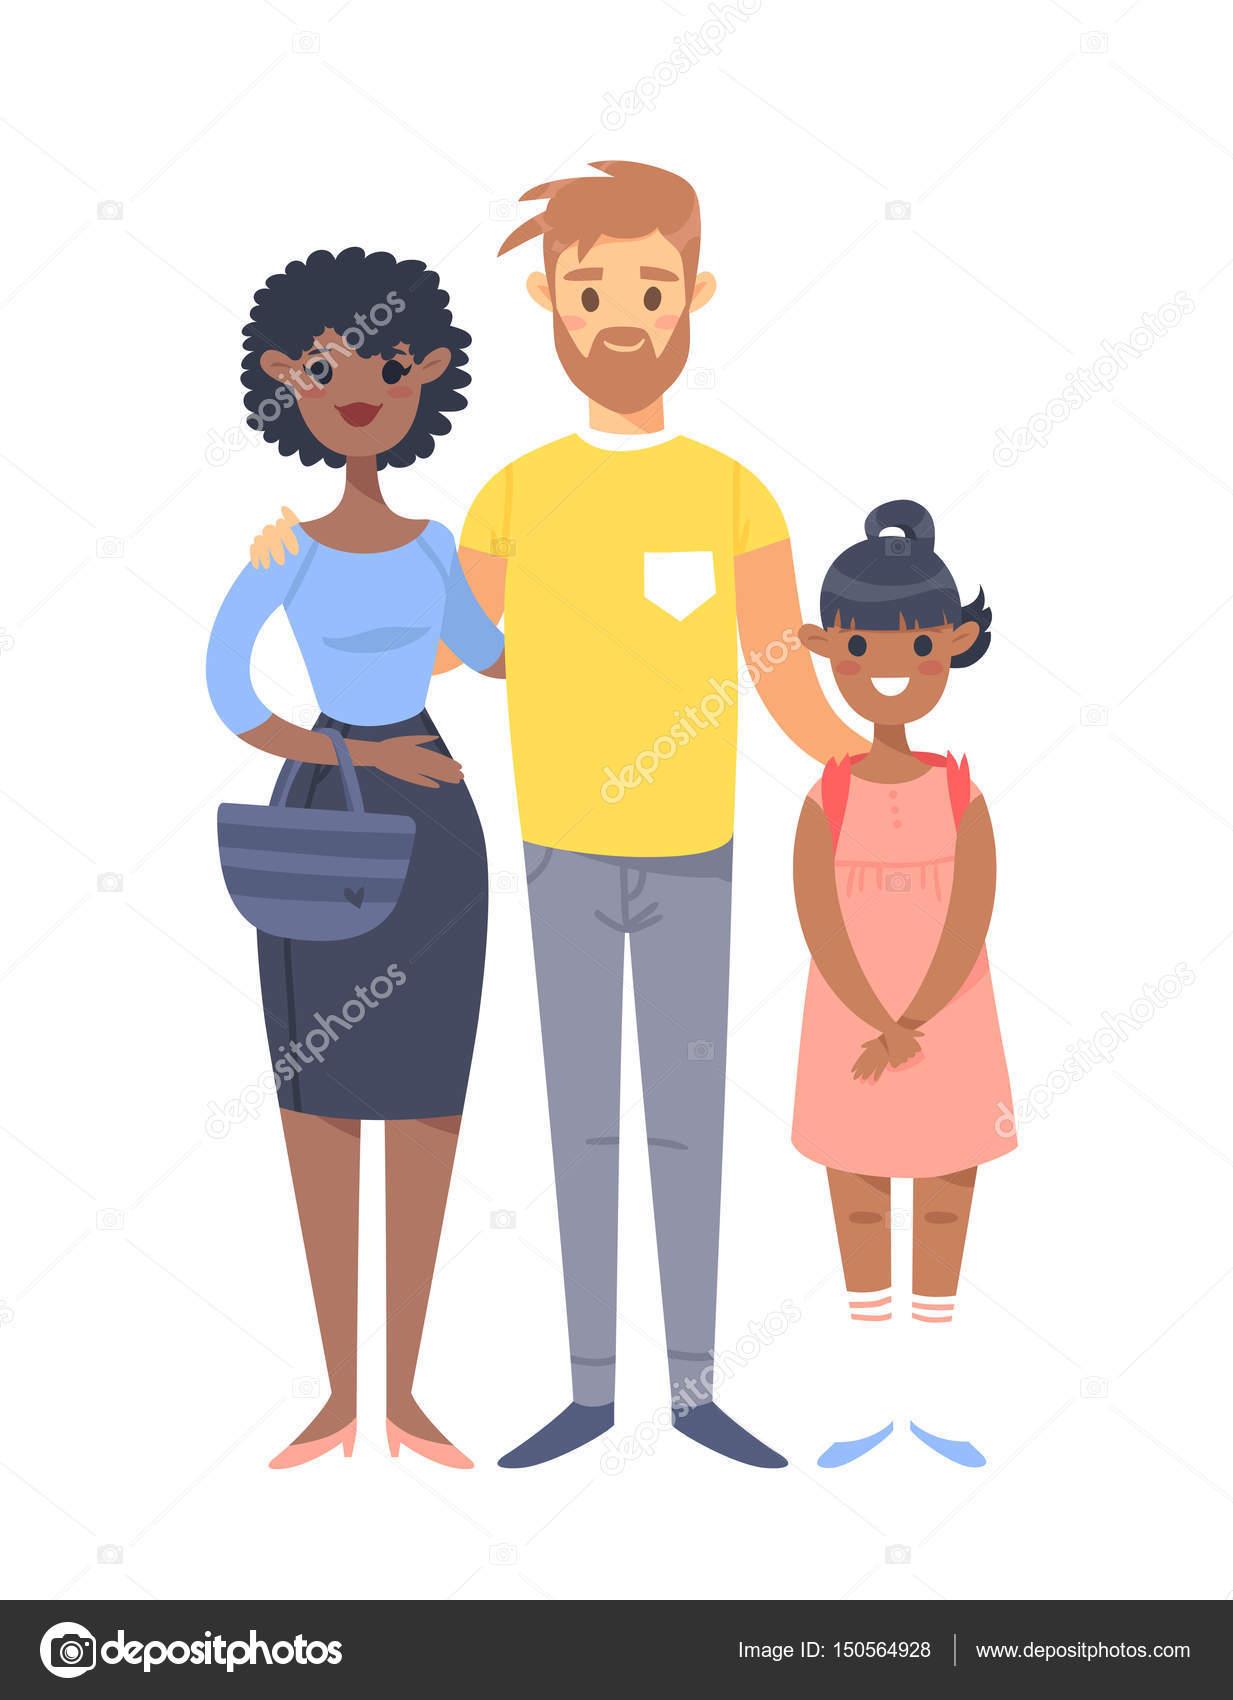 Weiße Tochter aus einem schwarzen Mann